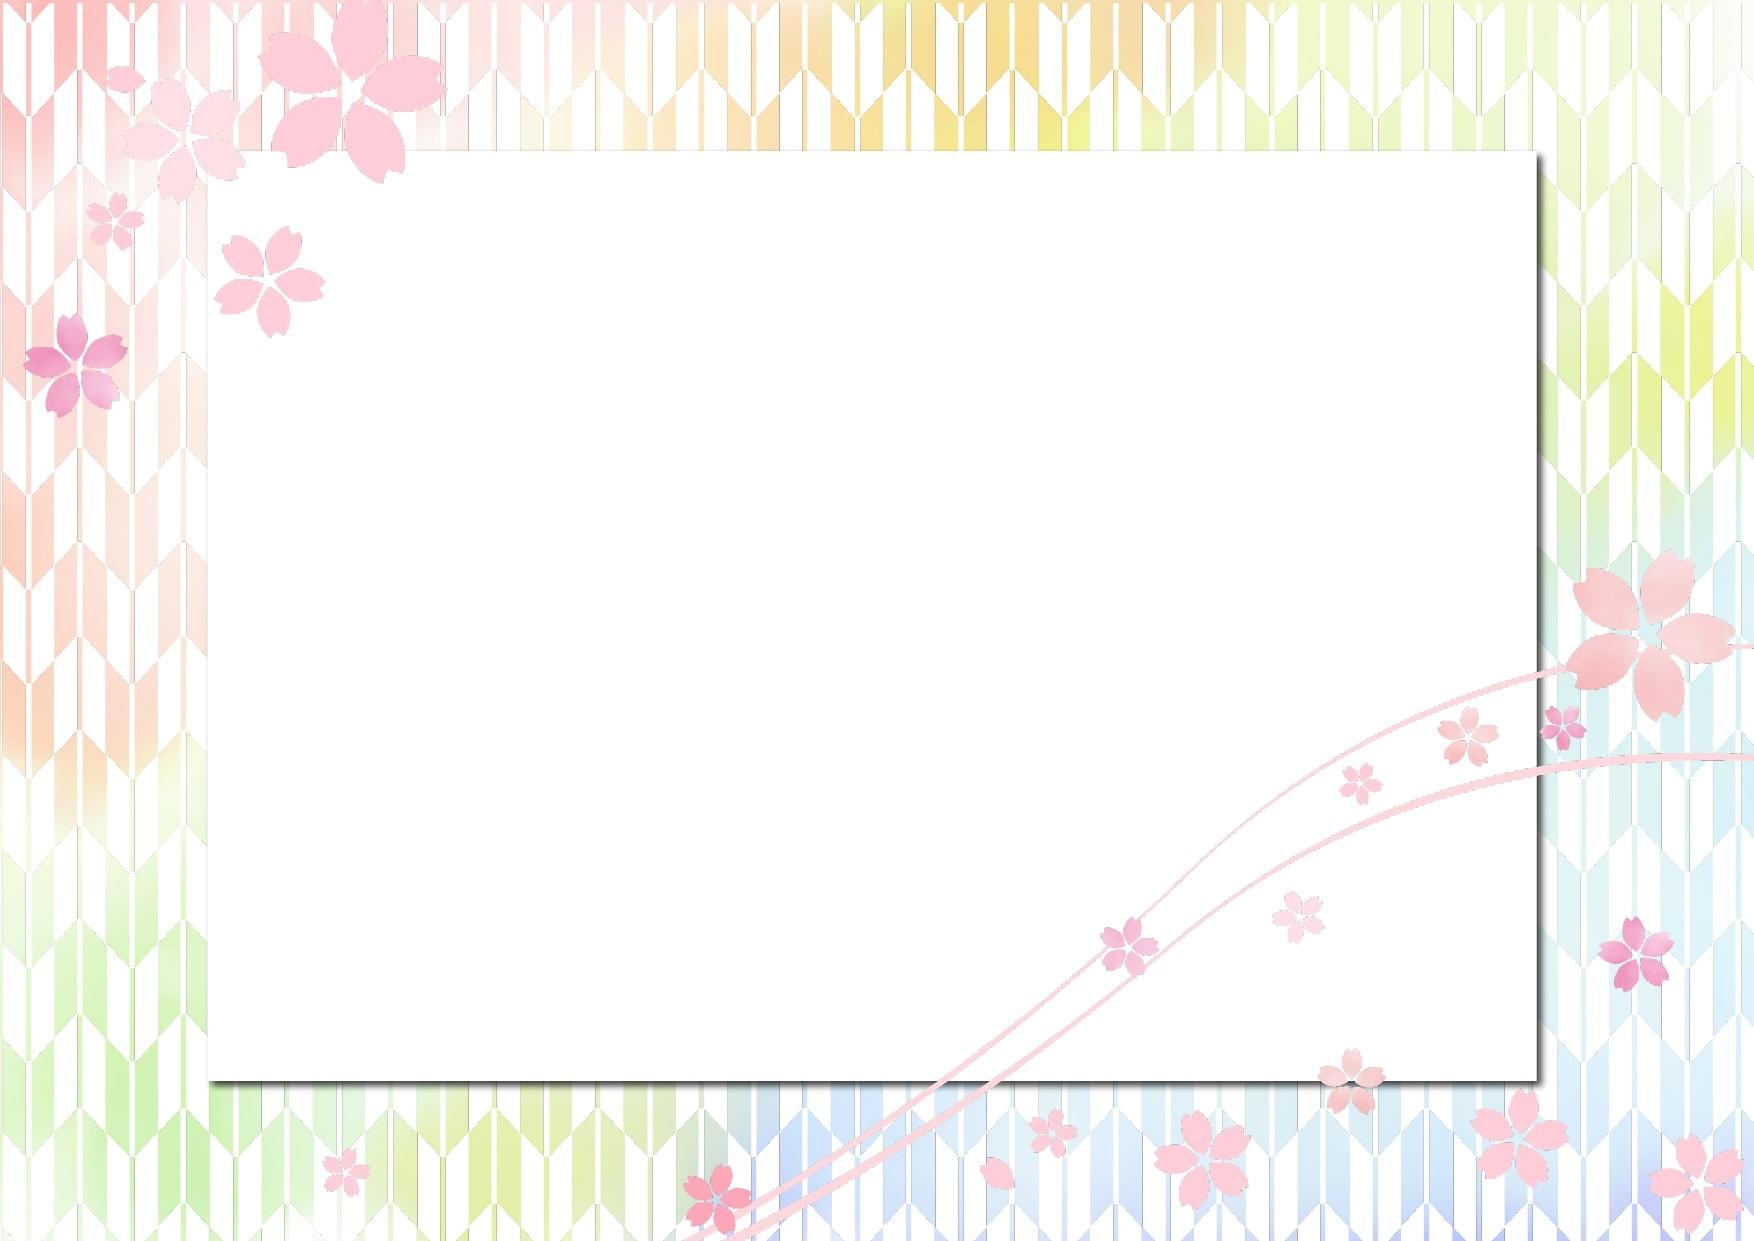 色鮮やかなカラフル・和柄と桜(さくら)のフレーム